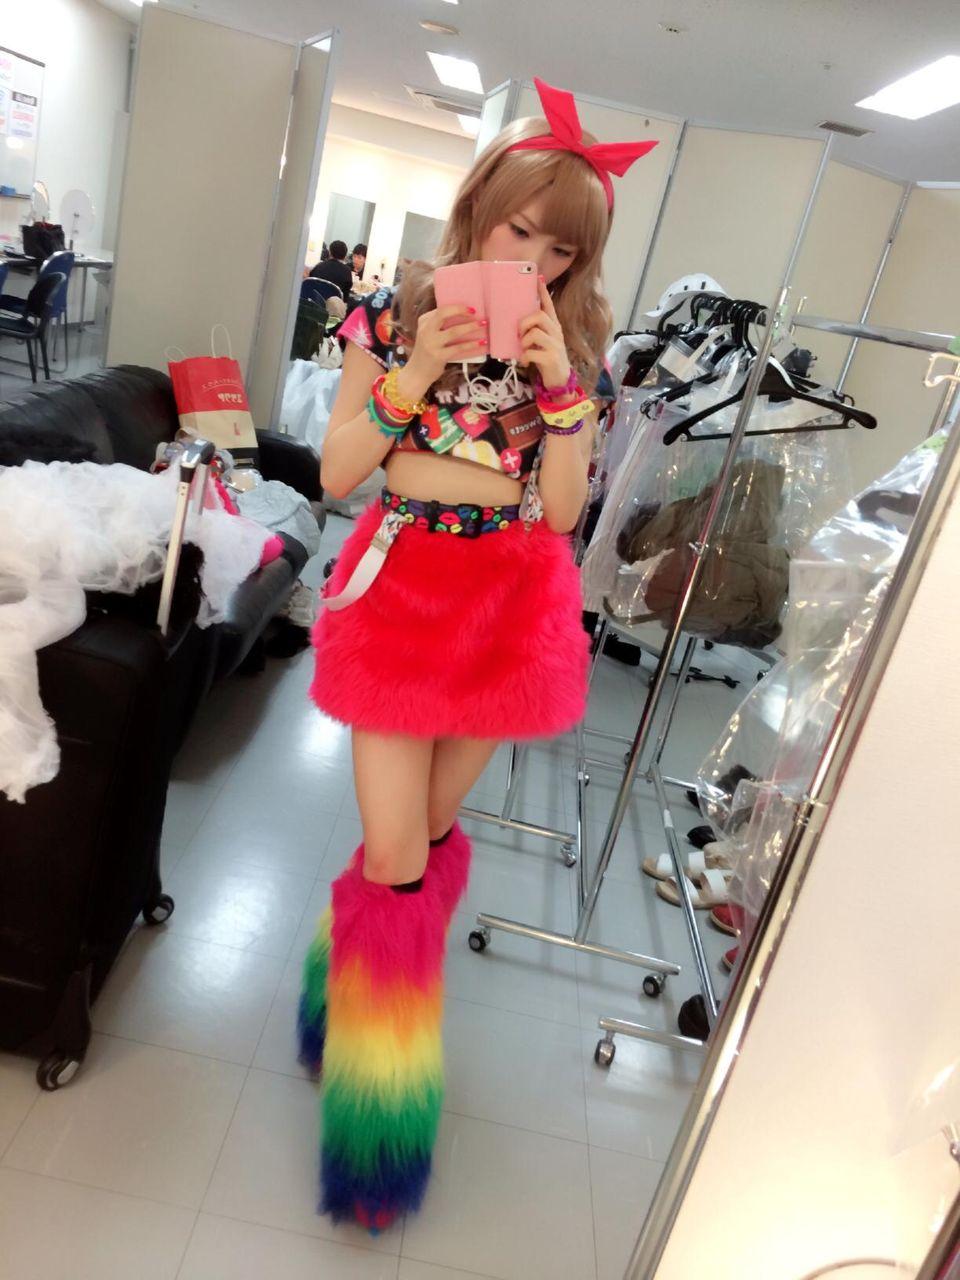 岡田奈々 (AKB48)の画像 p1_32